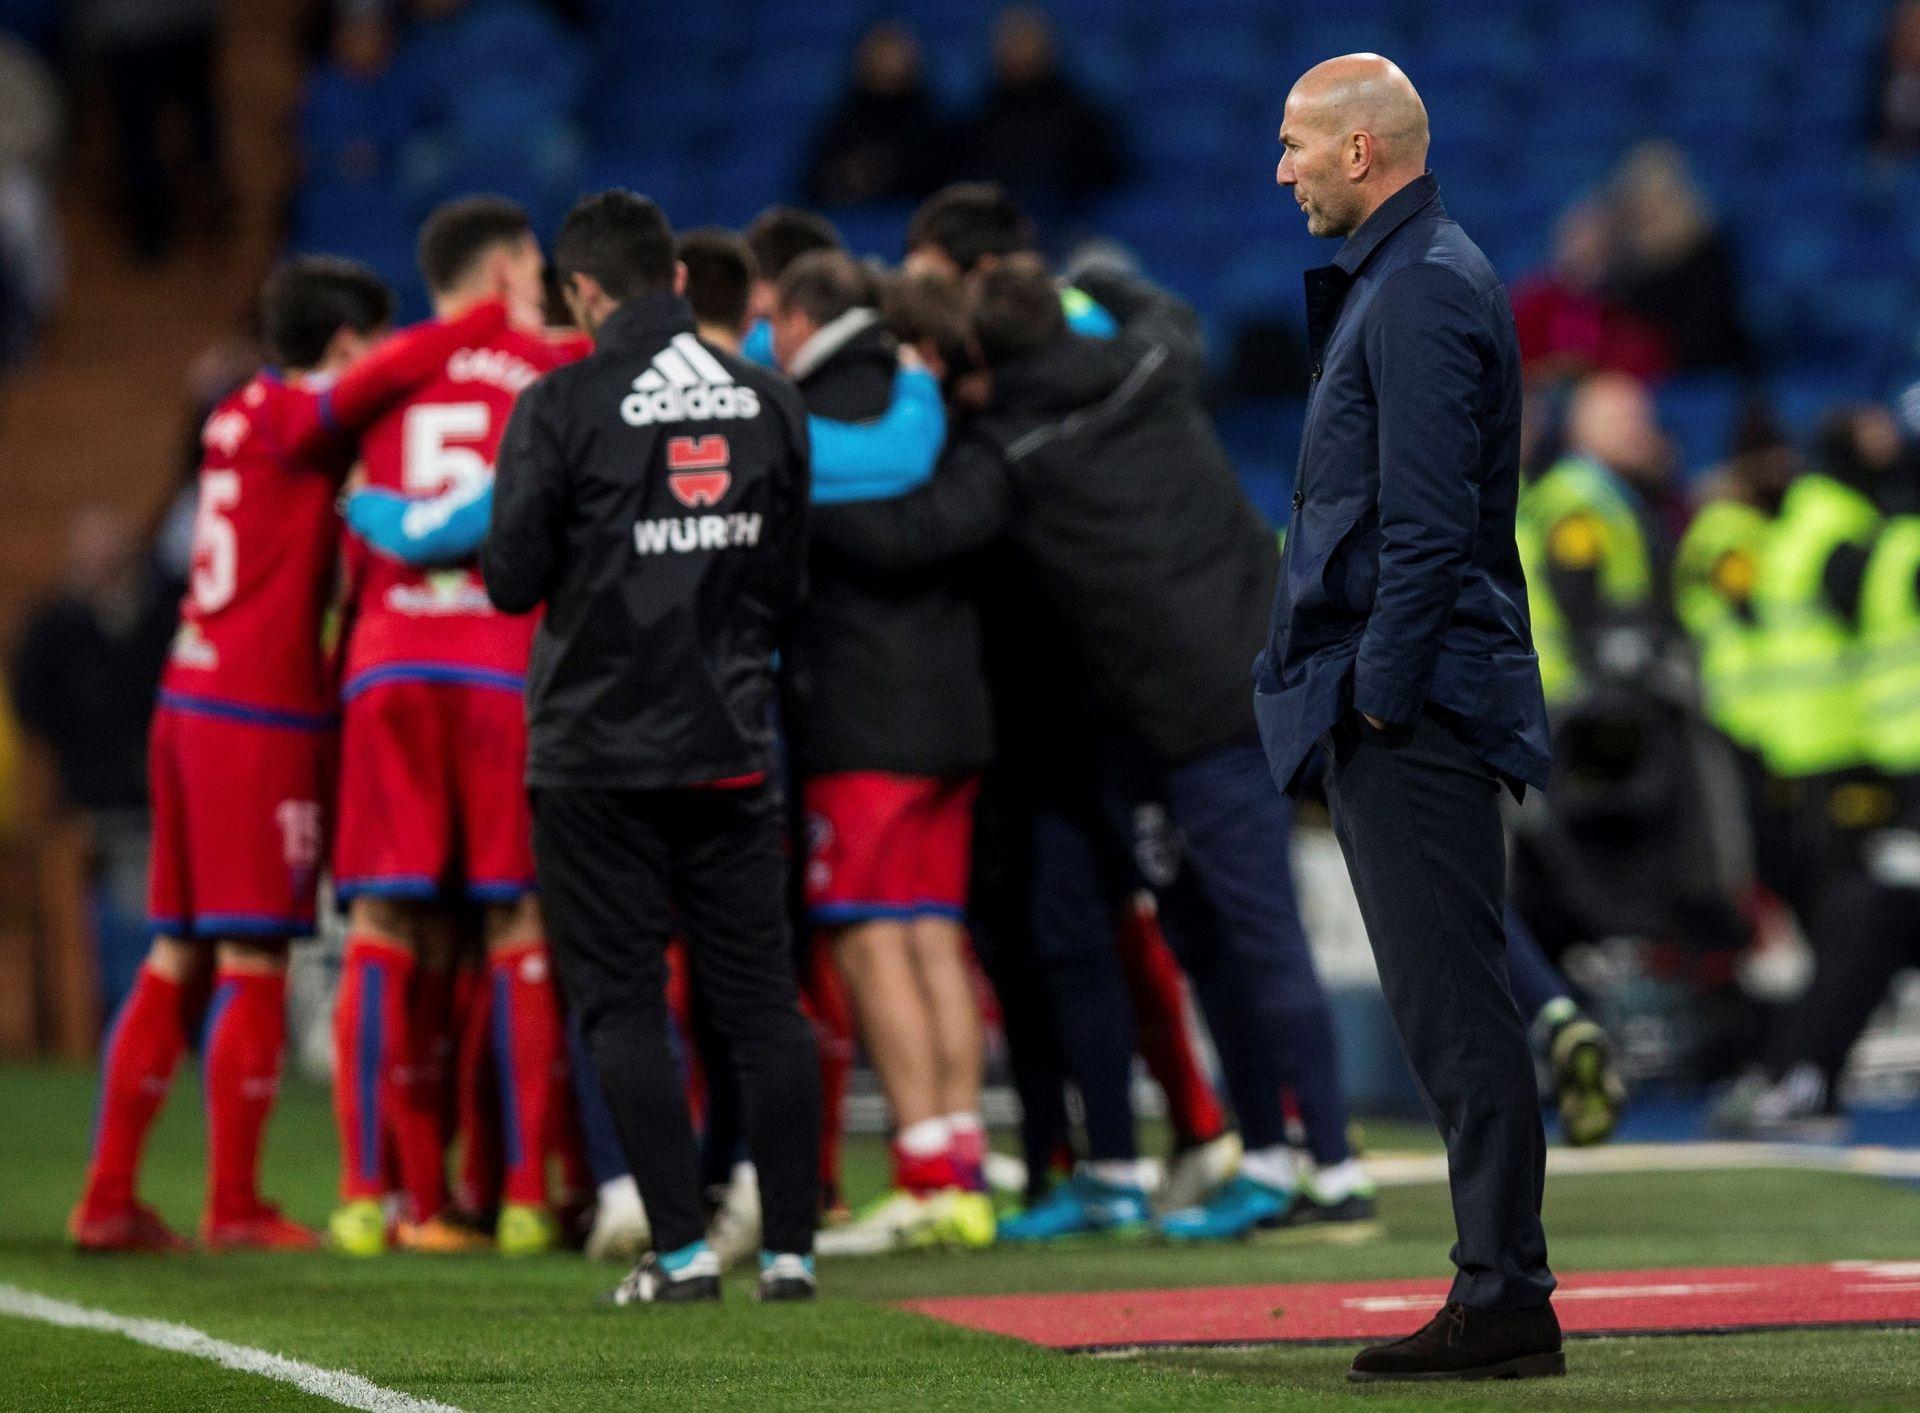 El Real Madrid empata con Numancia y pasa a los cuartos de final